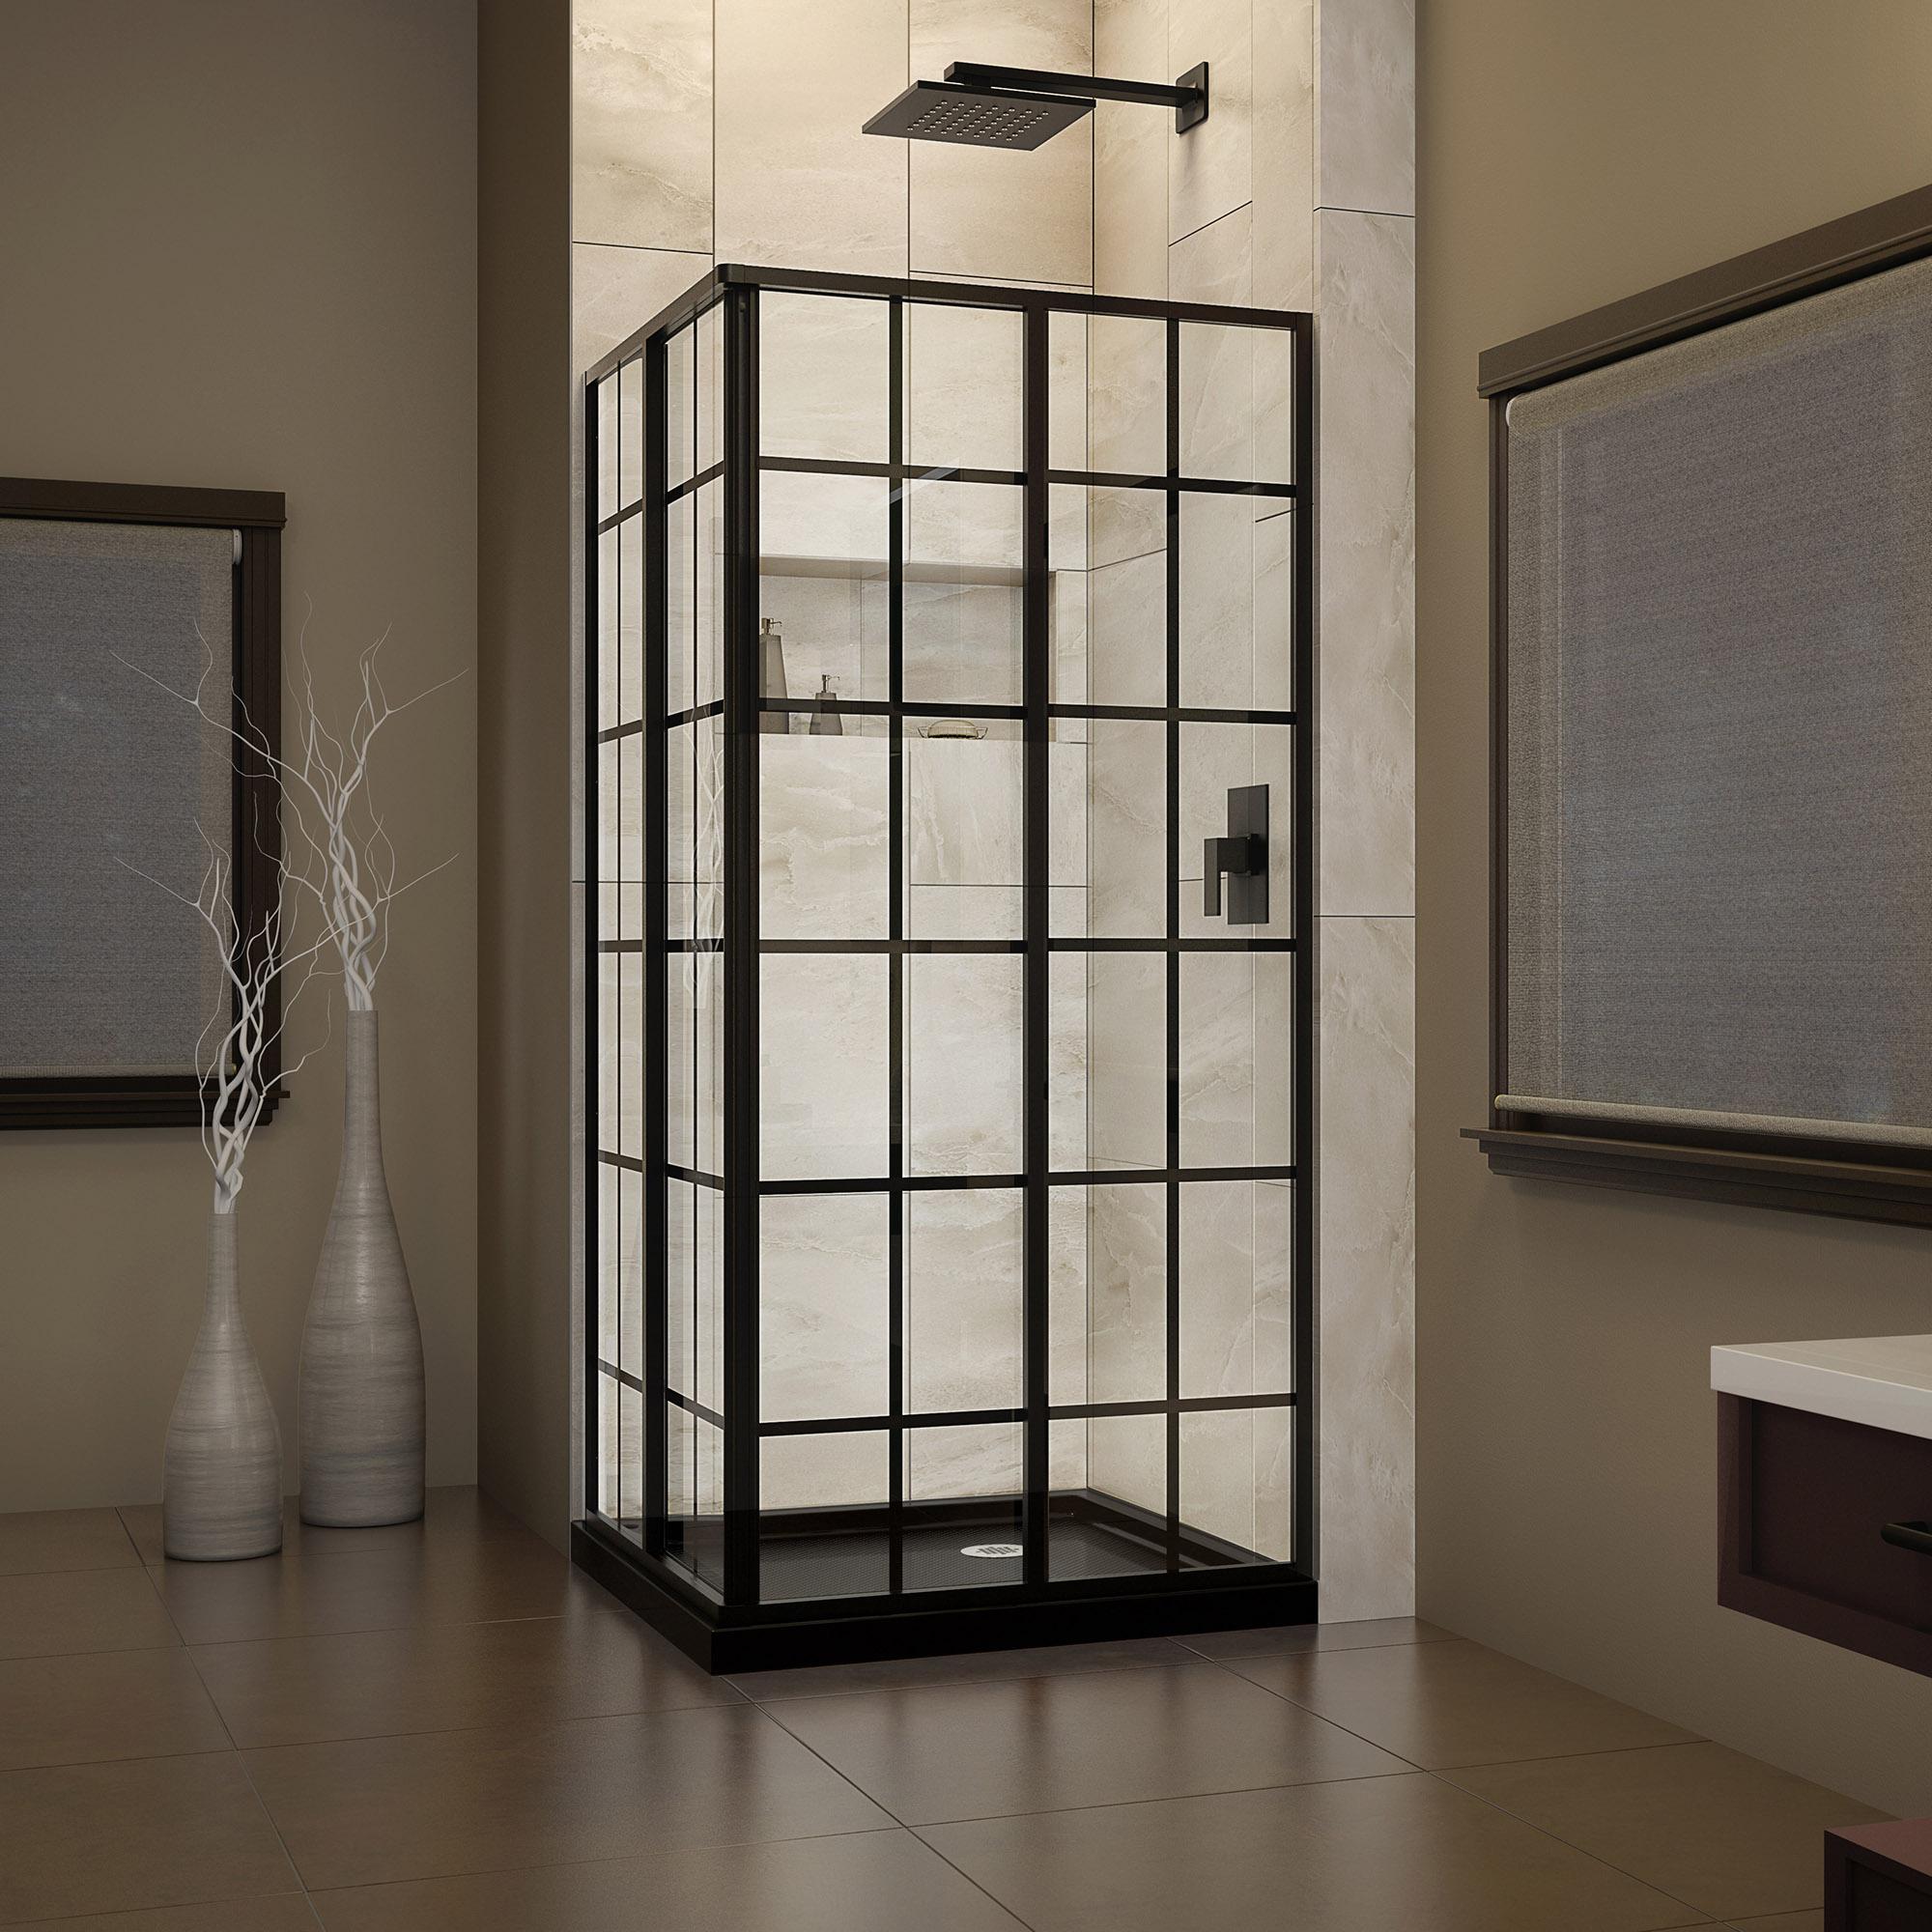 DreamLine French Corner 34 1/2 in. D x 34 1/2 in. W x 72 in. H Framed Sliding Shower Enclosure in Satin Black